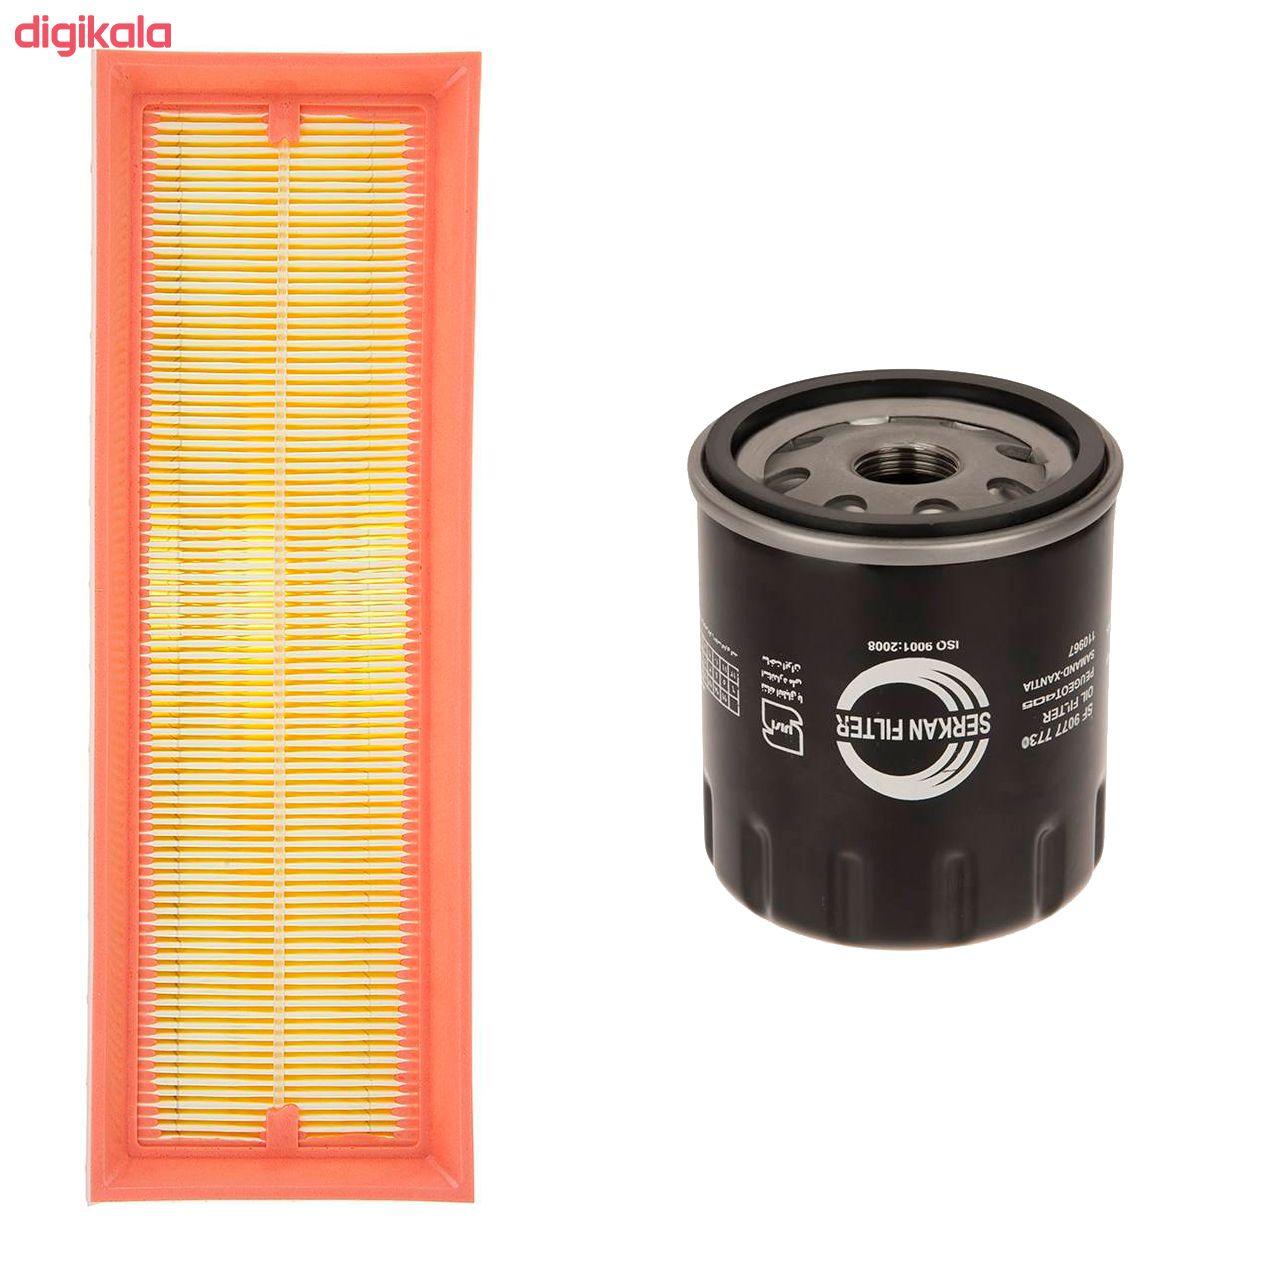 فیلتر روغن خودرو سرکان مدل SF7730 مناسب برای پژو405 به همراه فیلتر هوا سرکان  main 1 4